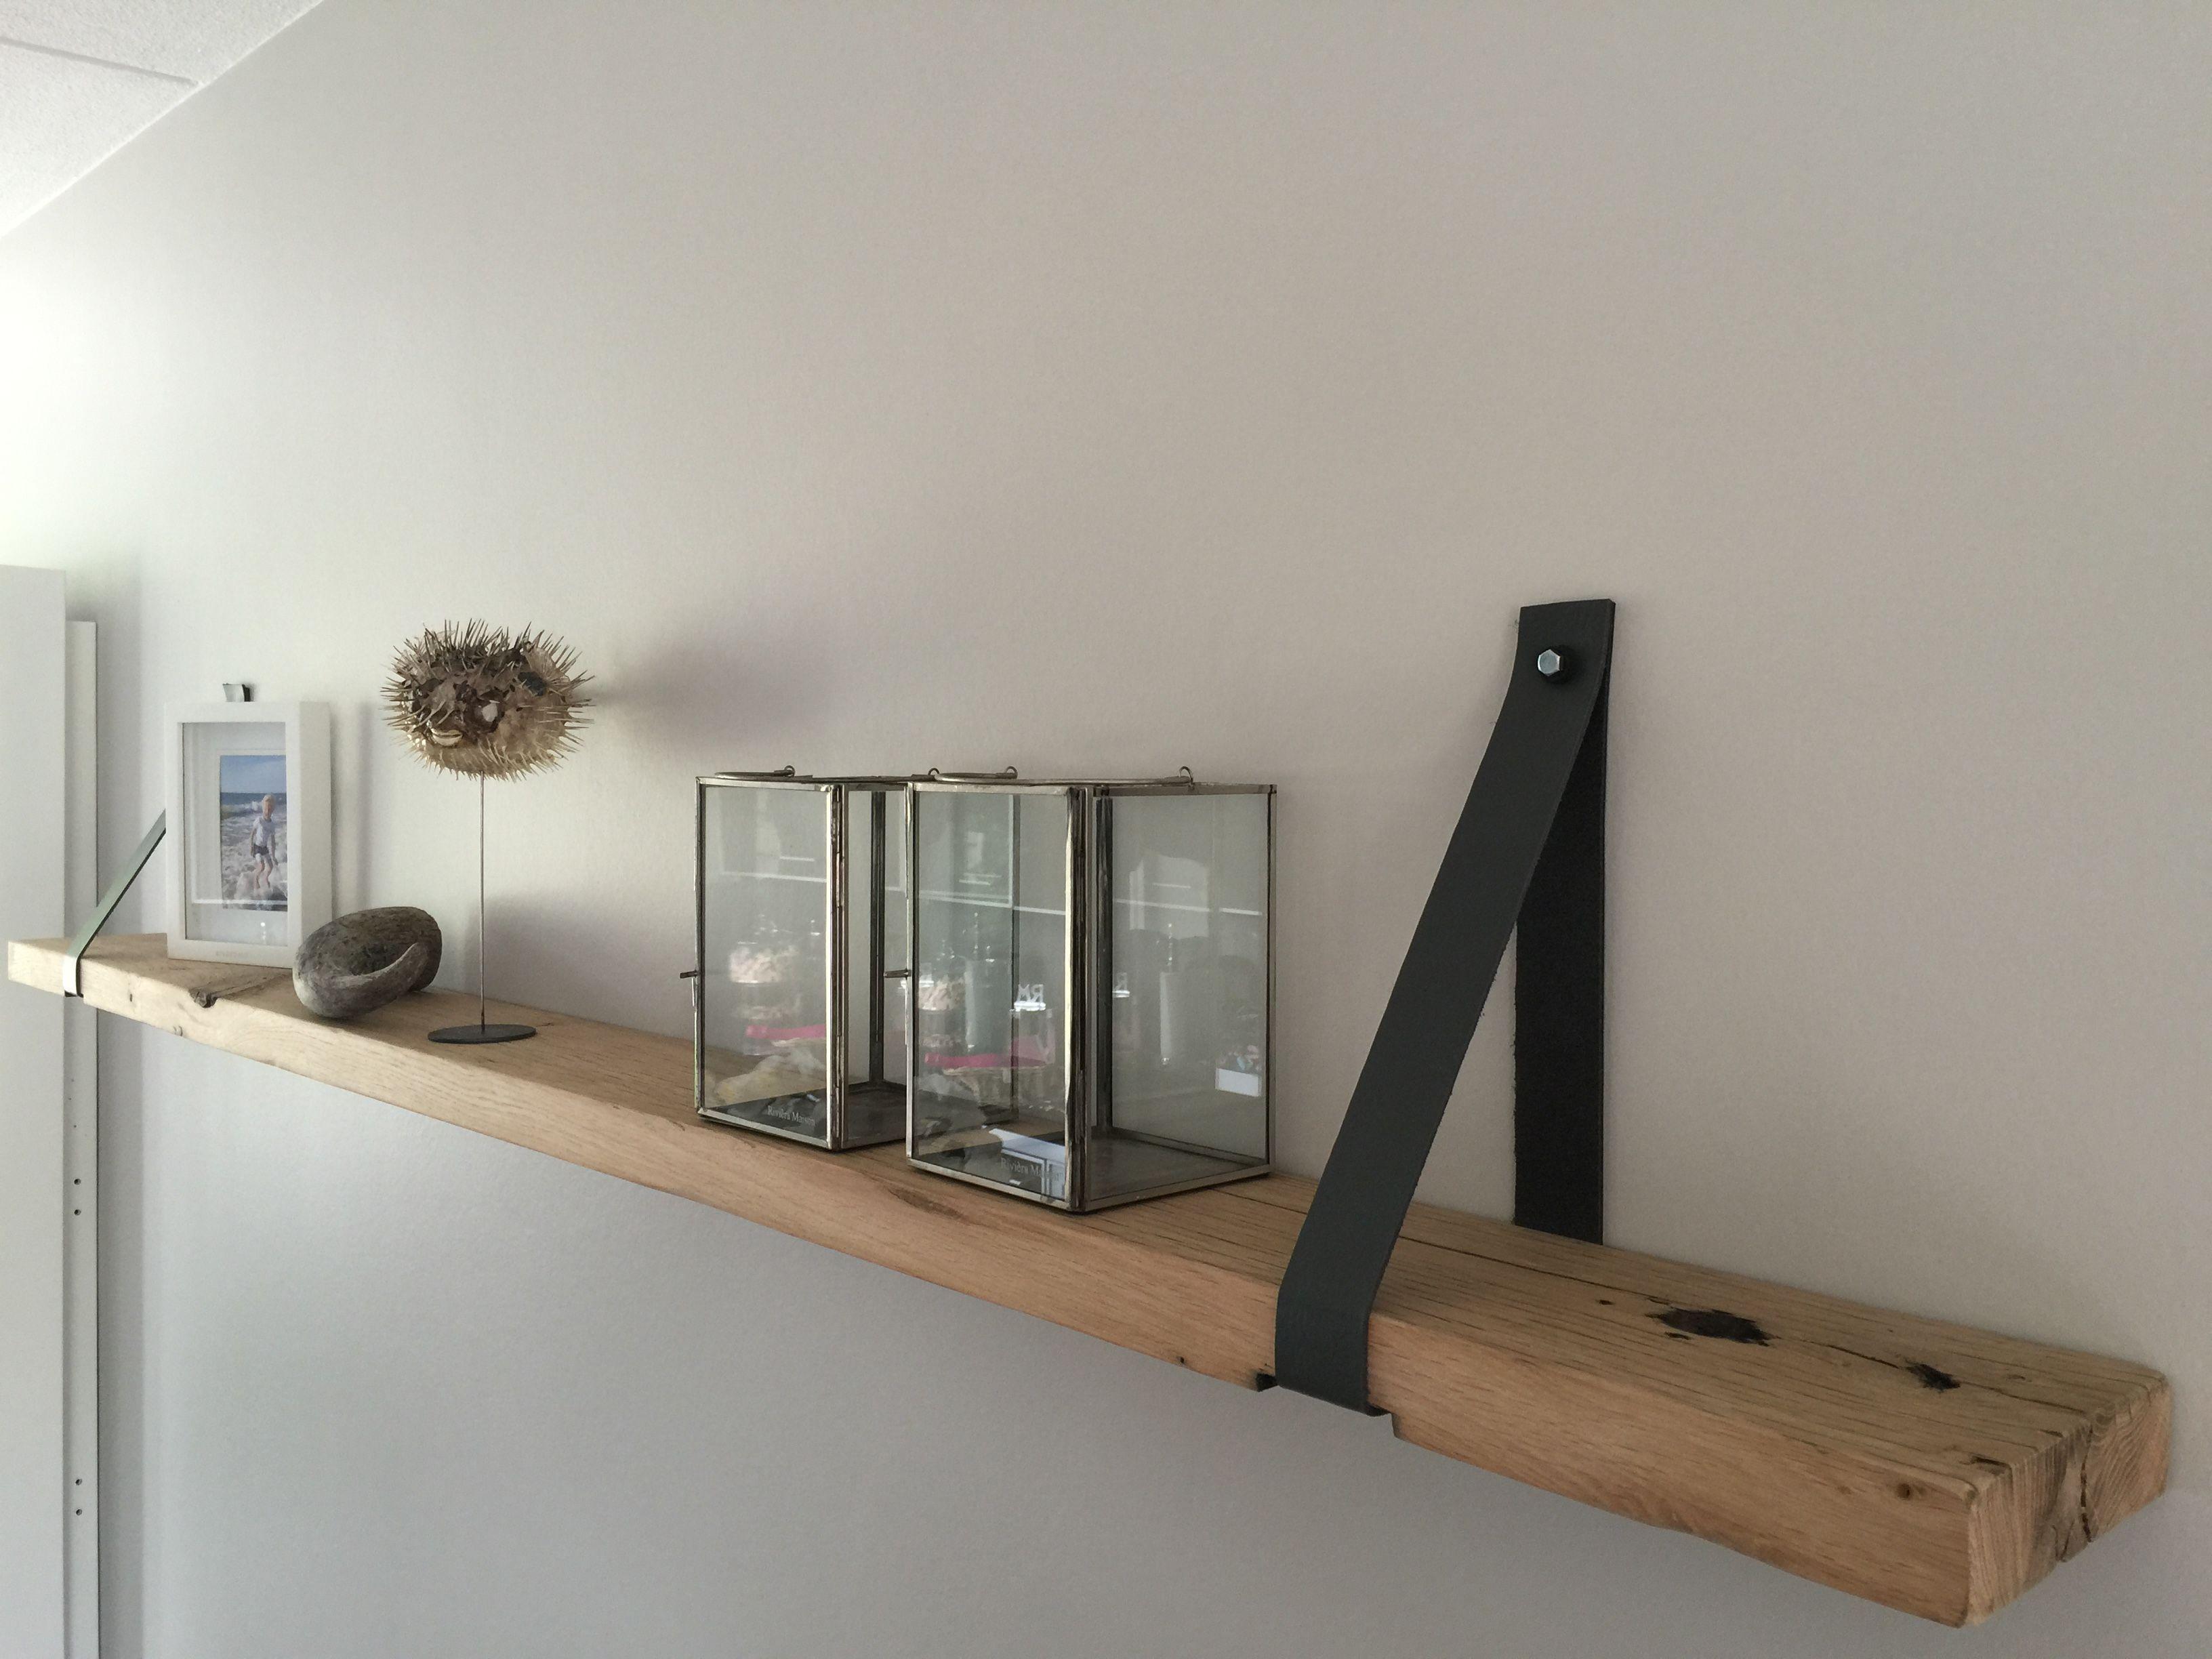 Houten Wandplanken Kopen.Wandplank Van Eiken Wagonplank Met Leren Riem Te Koop Via Melka